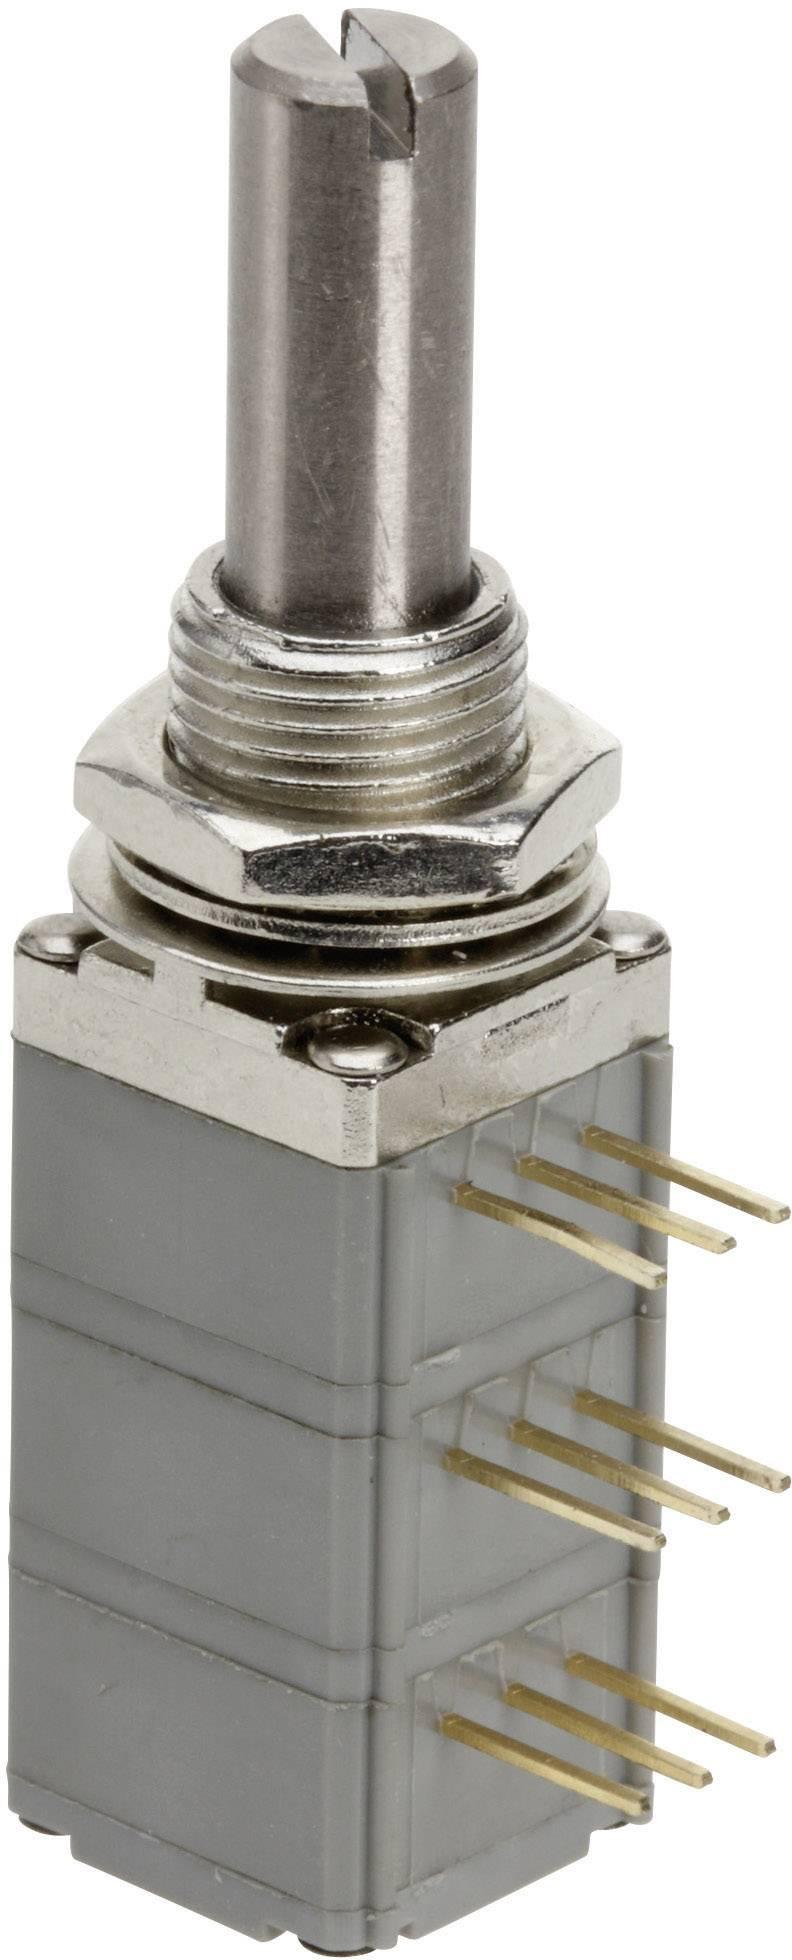 Cermetový potenciometer TT Electro, 4113913545, 10 kΩ, ± 10%